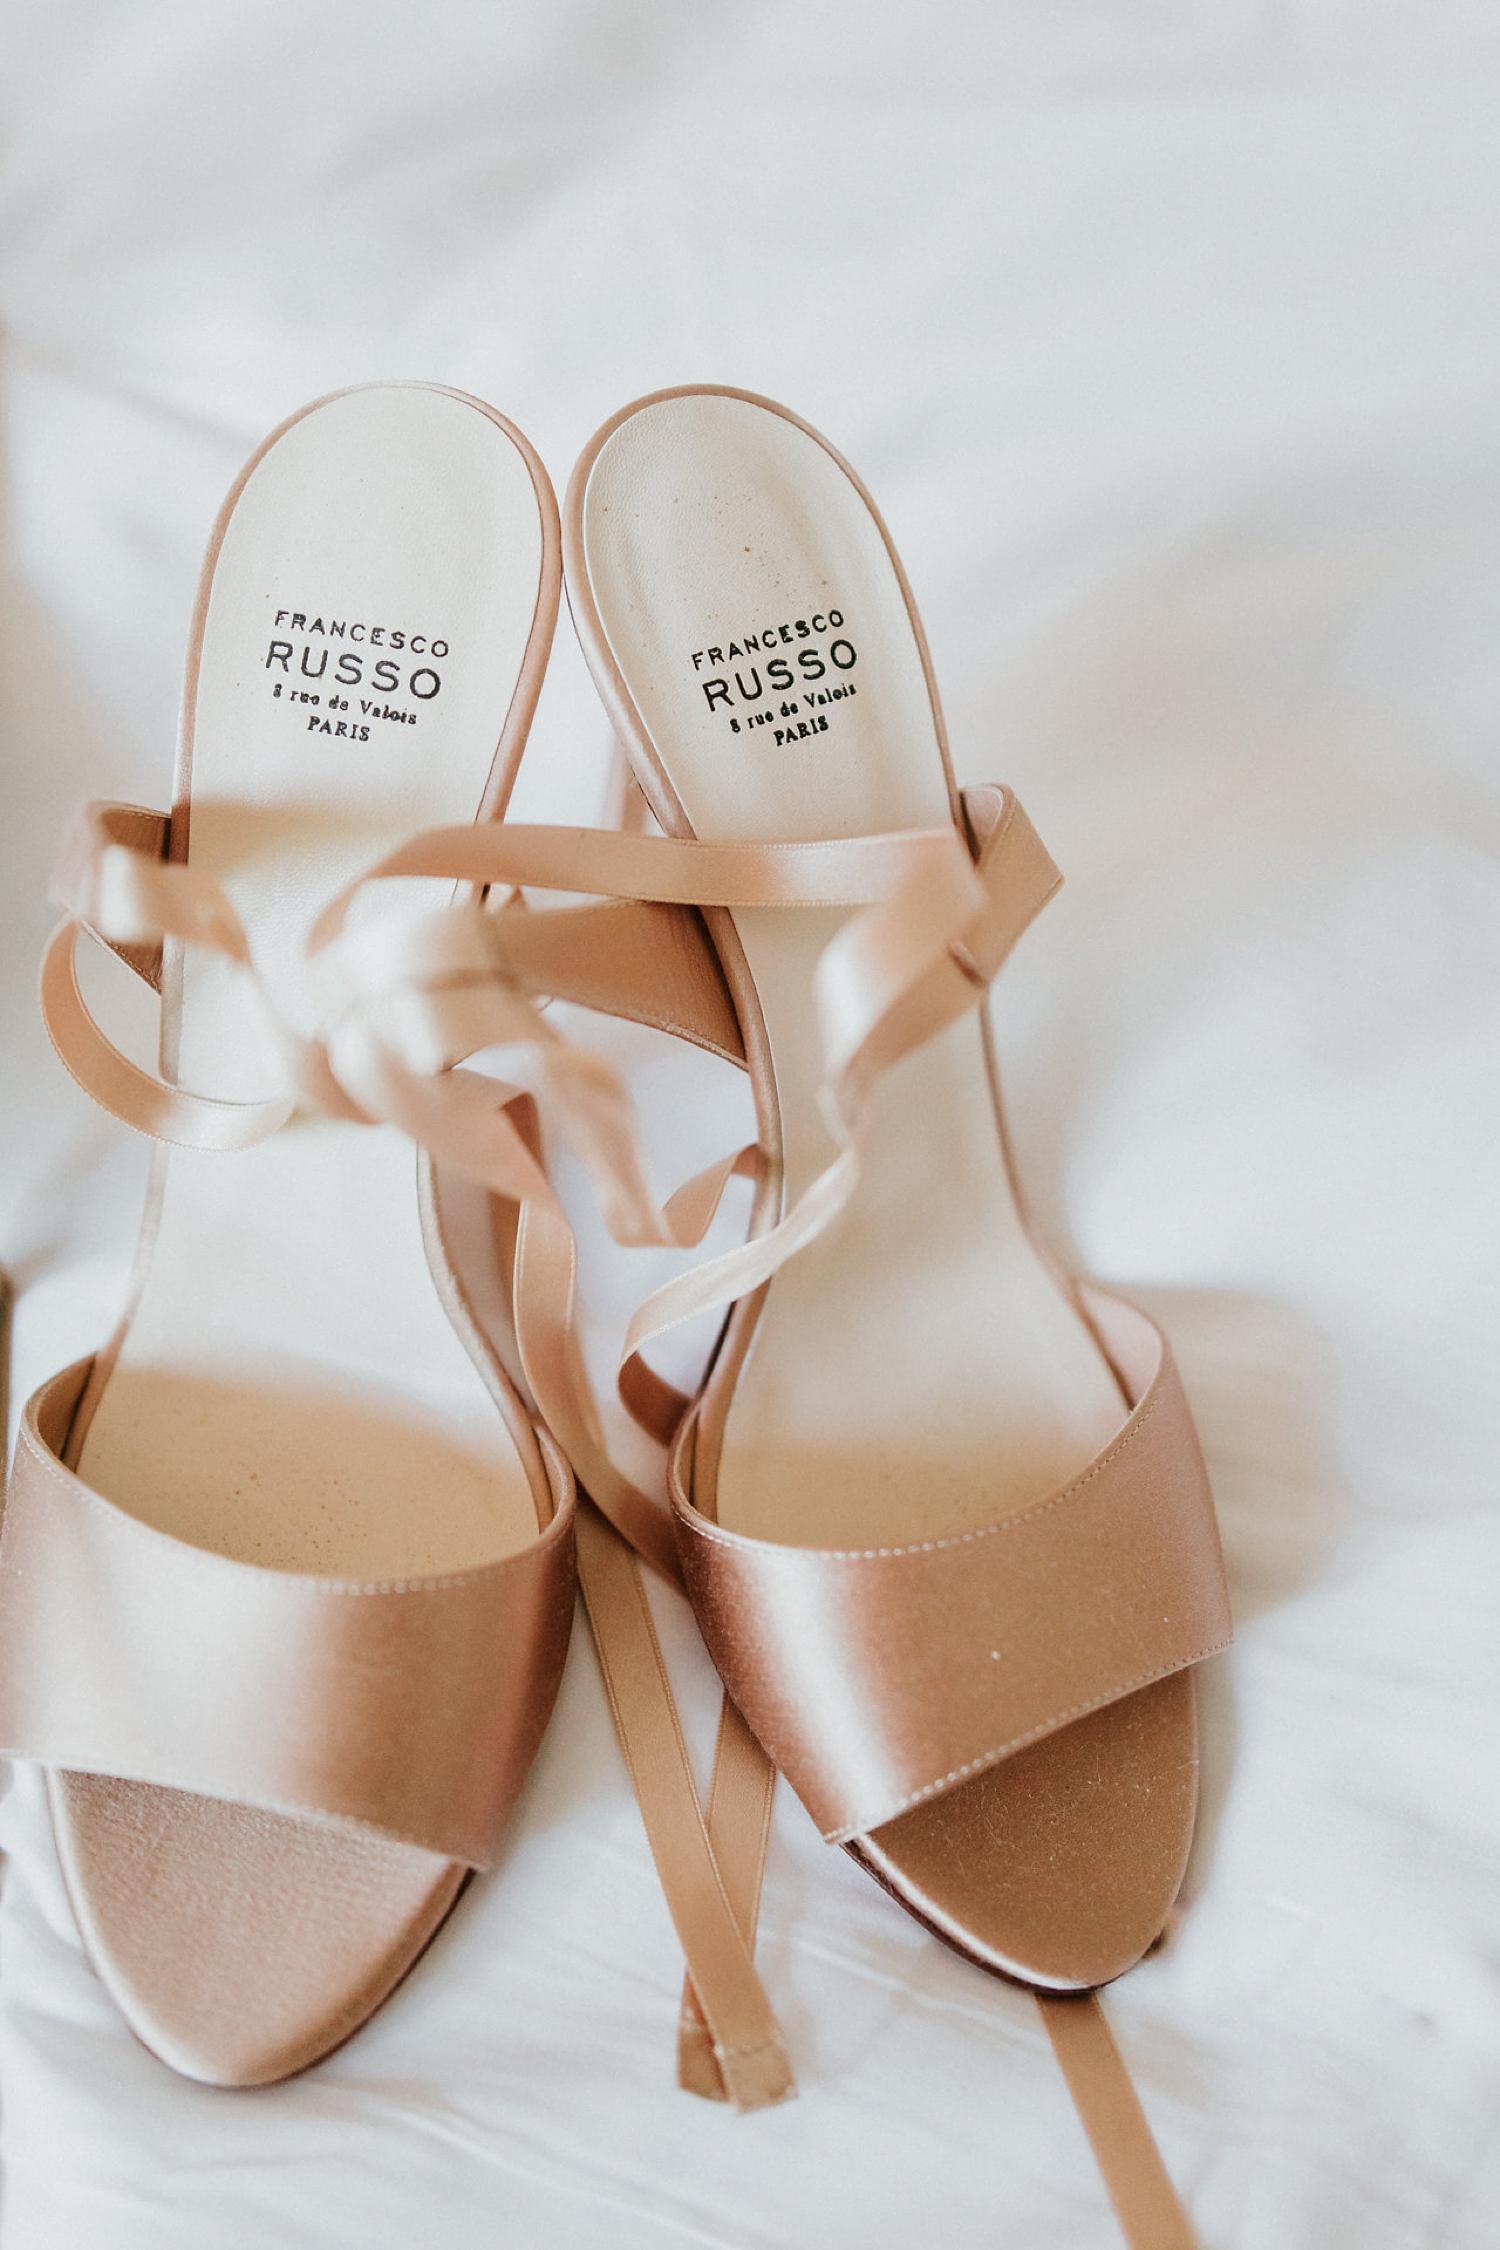 Alicia+lucia+photography+-+albuquerque+wedding+photographer+-+santa+fe+wedding+photography+-+new+mexico+wedding+photographer+-+wedding+bridal+shoe+-+wedding+style+edit_0012.jpg